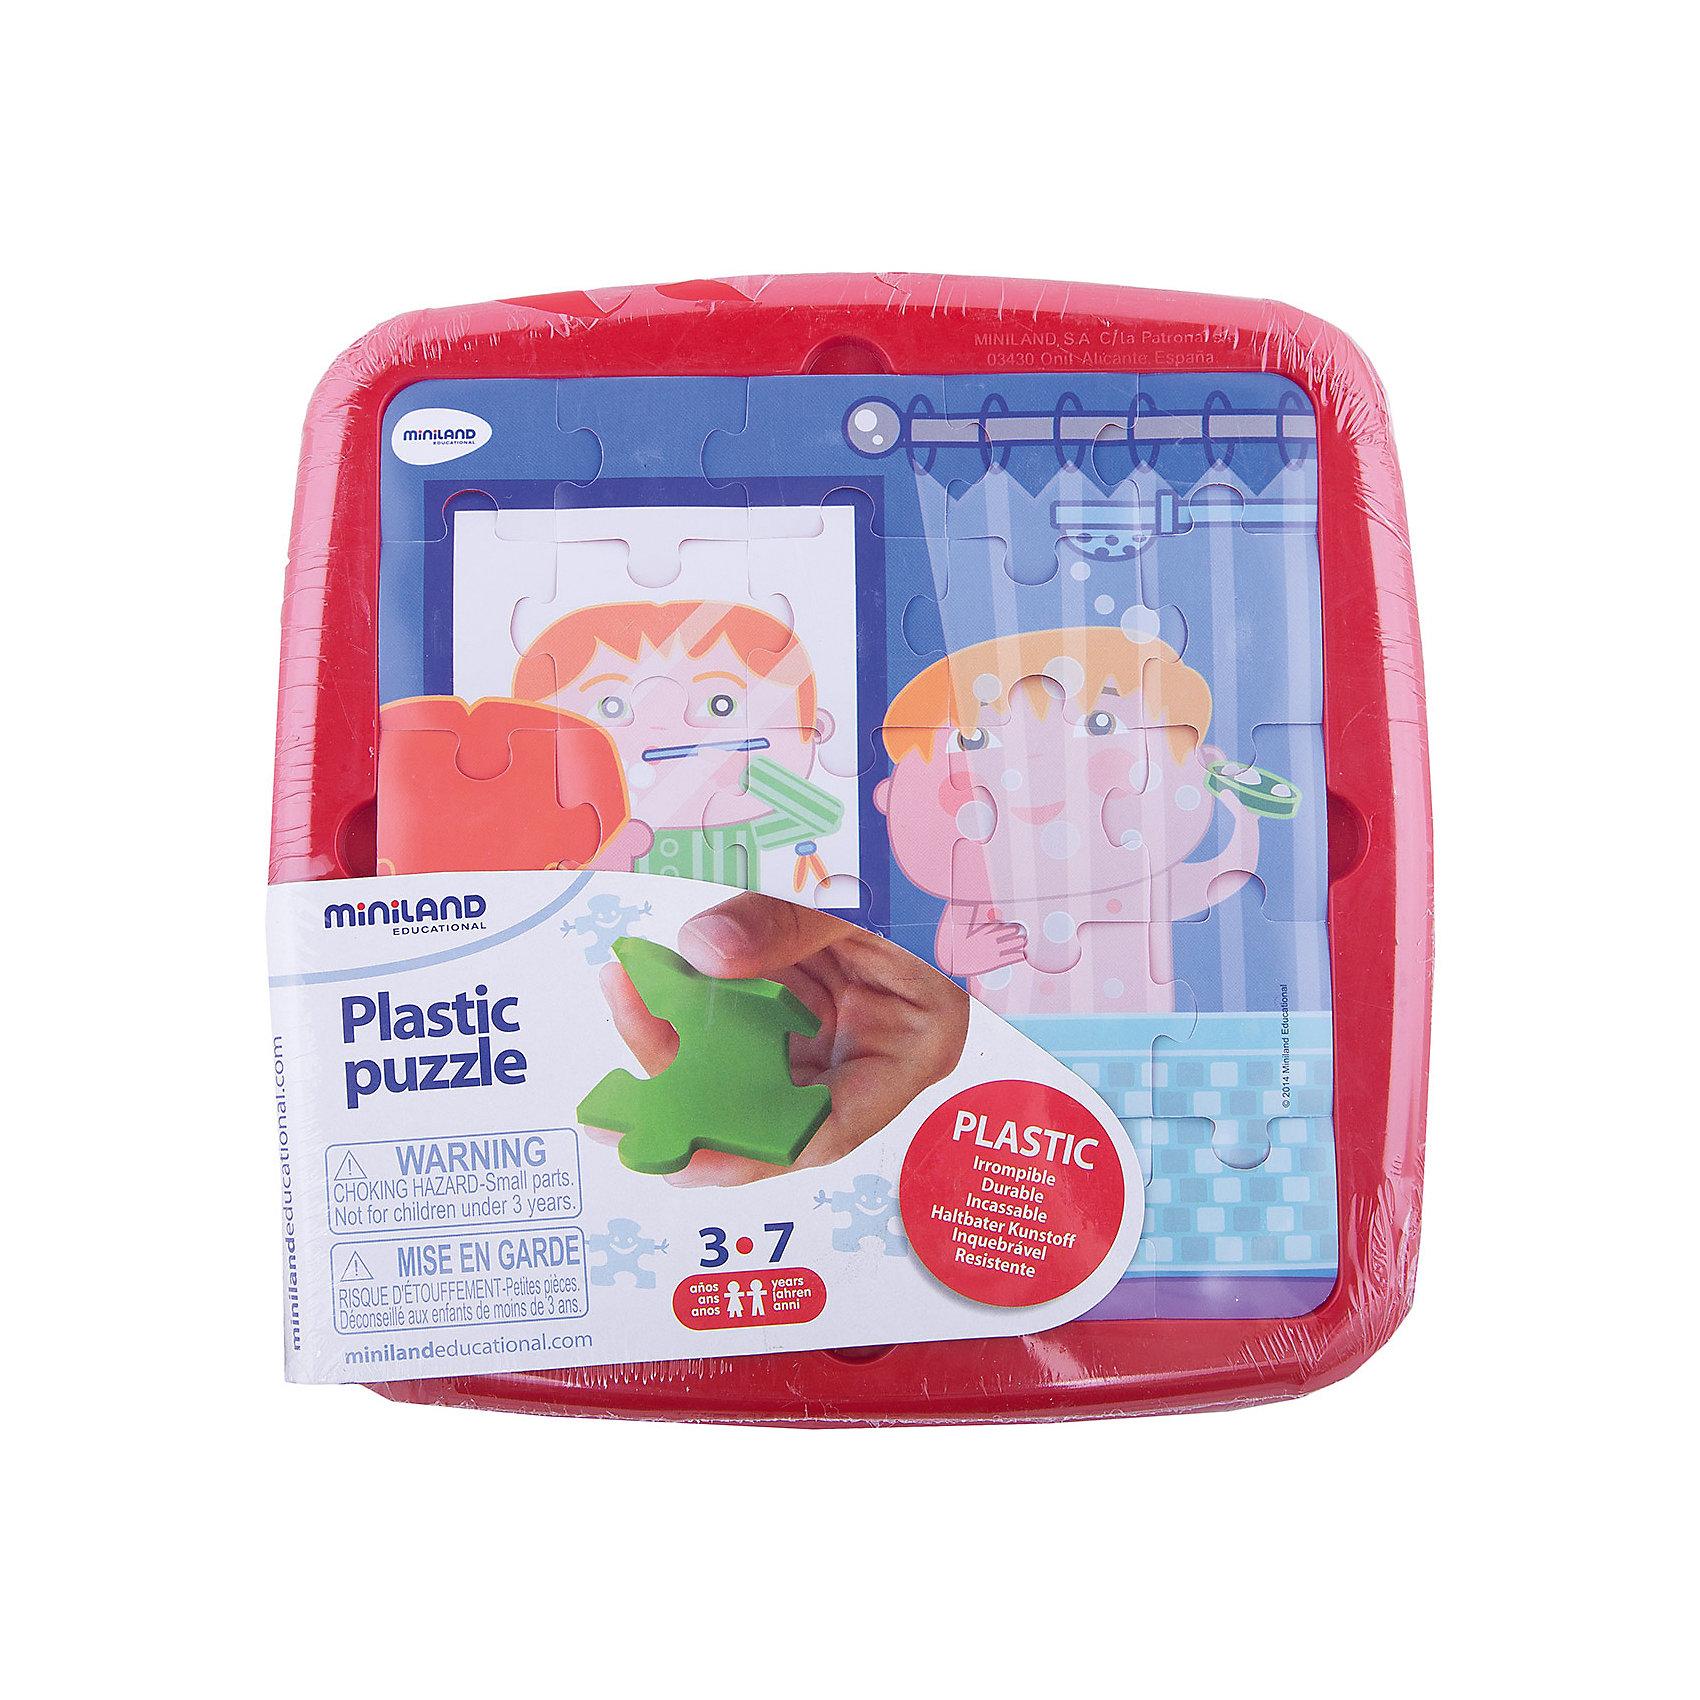 Пазл Распорядок дня. Умывание, MinilandПазлы для малышей<br>Пазл Распорядок дня. Умывание, Miniland (Миниленд) – этот пазл замечательный и полезный подарок для вашего ребенка.<br>В наборе 25 пластиковых элементов пазла, которые удобно собираются в пластиковом контейнере. Для правильности сборки предлагается трафарет из пластиковой пленки с рисунком. Собирая пазл, ребенок развивает мелкую моторику, внимательность и усидчивость.<br><br>Дополнительная информация:<br><br>- В наборе: пазл 25 элементов, трафарет<br>- Размер собранного пазла: 21 х 21 см.<br>- Материал: высококачественный пластик<br>- Размер упаковки: 26,5 х 26,5 х 1 см.<br>- Вес: 300 гр.<br><br>Пазл Распорядок дня. Умывание, Miniland (Миниленд) можно купить в нашем интернет-магазине.<br><br>Ширина мм: 265<br>Глубина мм: 265<br>Высота мм: 10<br>Вес г: 300<br>Возраст от месяцев: 36<br>Возраст до месяцев: 84<br>Пол: Унисекс<br>Возраст: Детский<br>SKU: 4198178